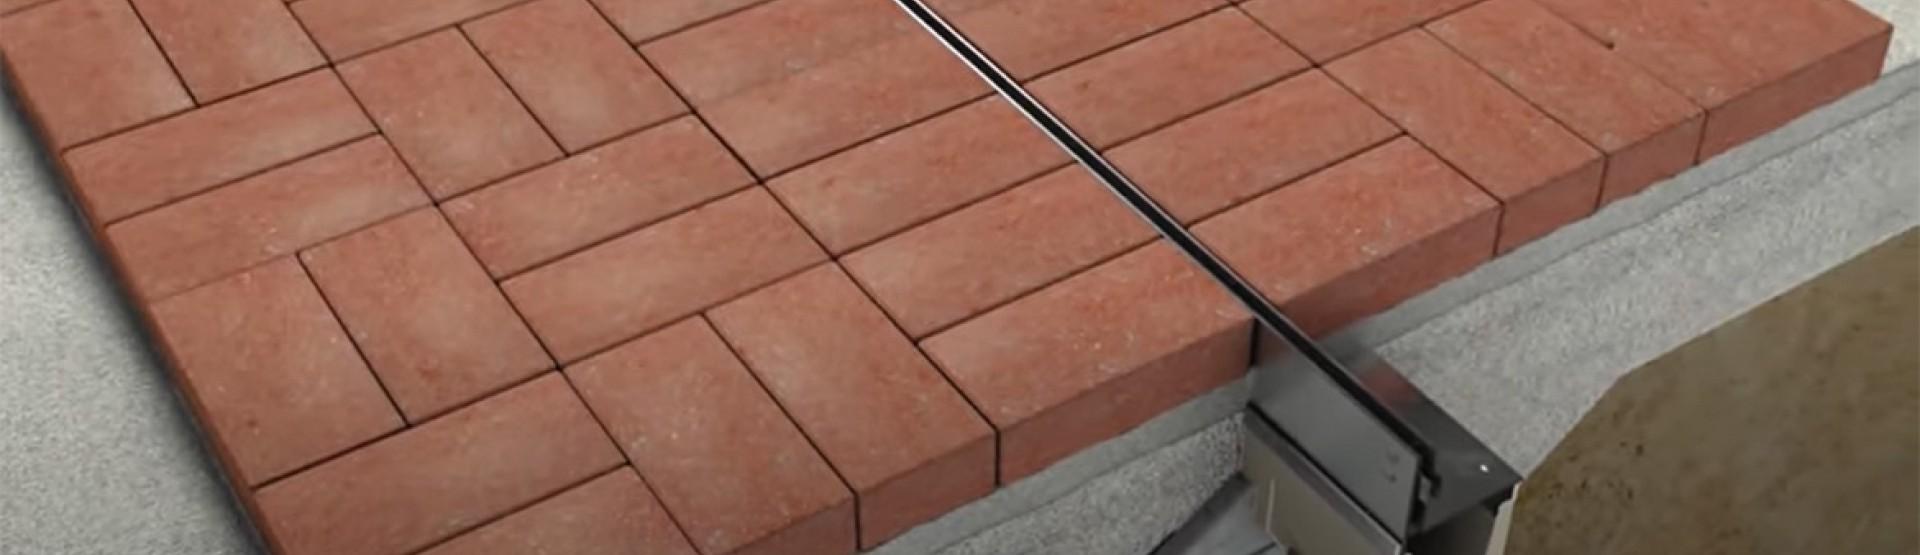 ACO-Brickslot